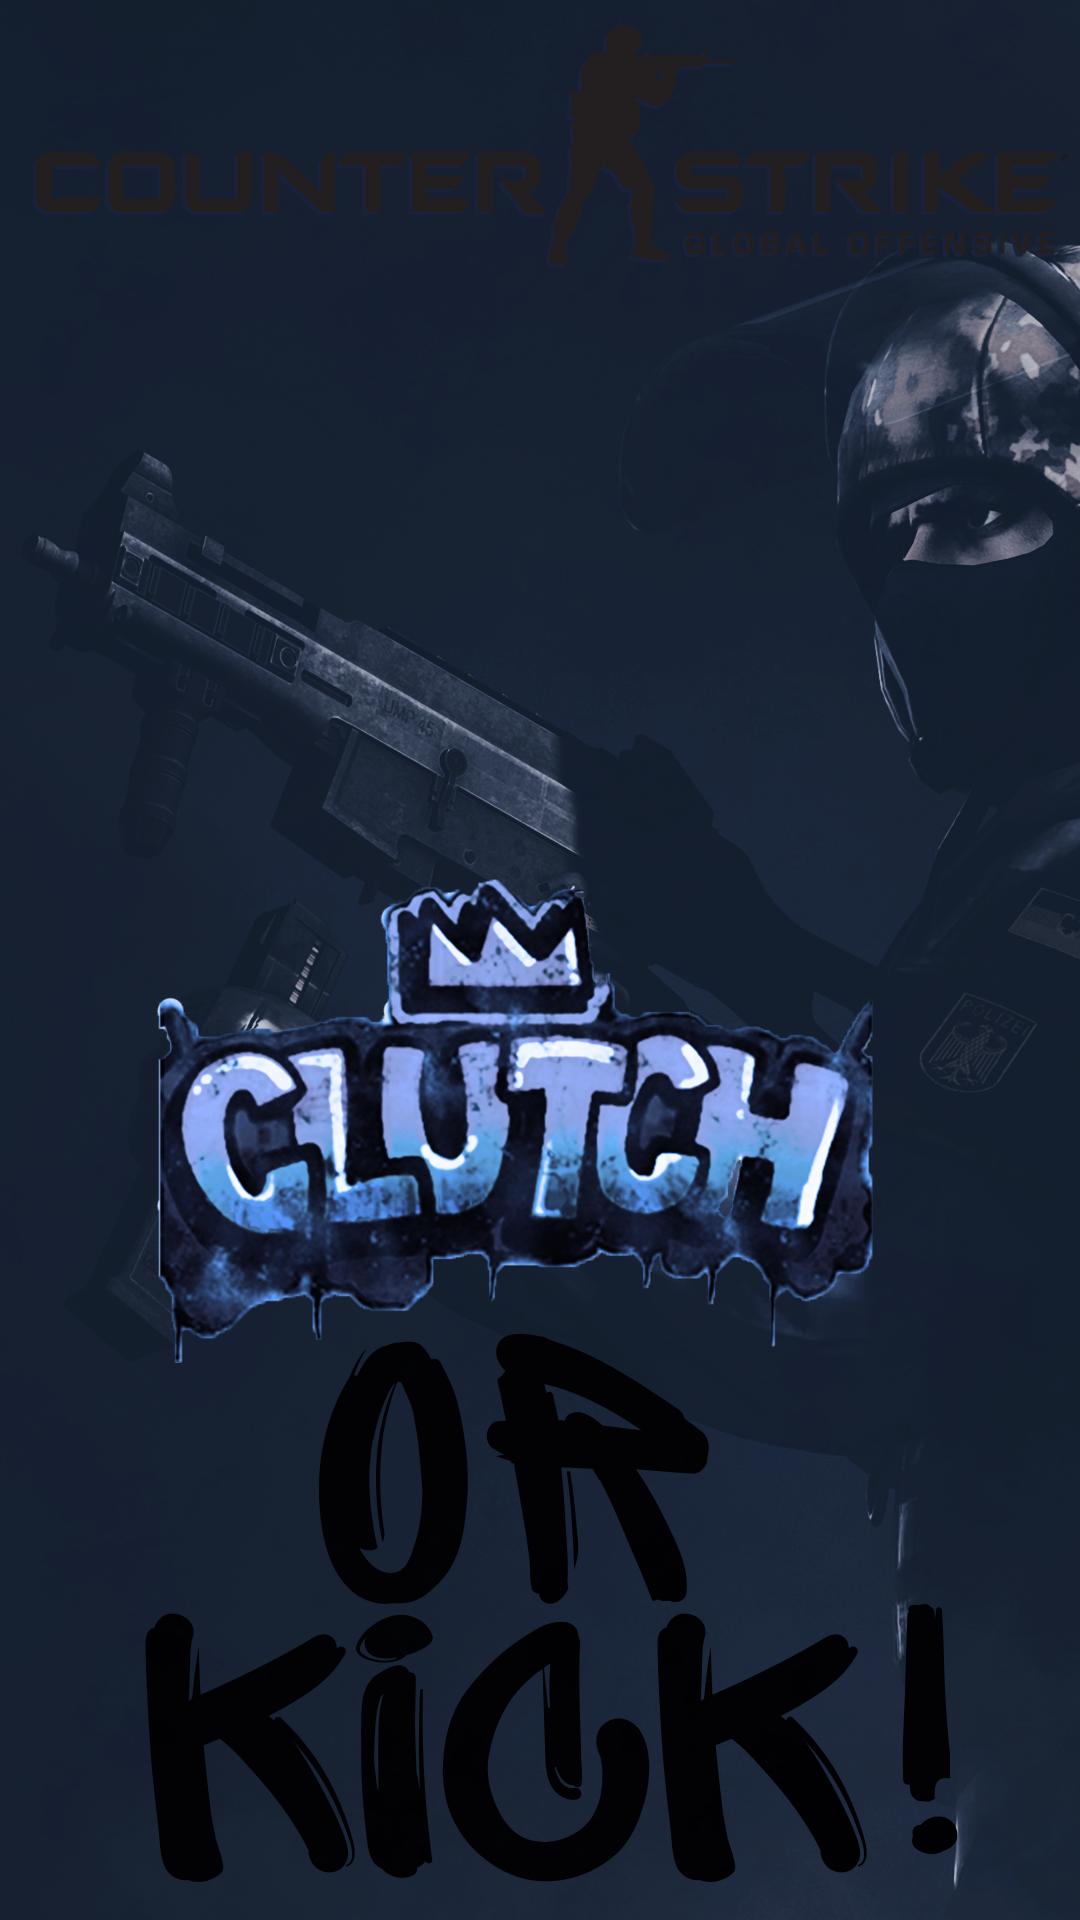 clutch or k1ck!